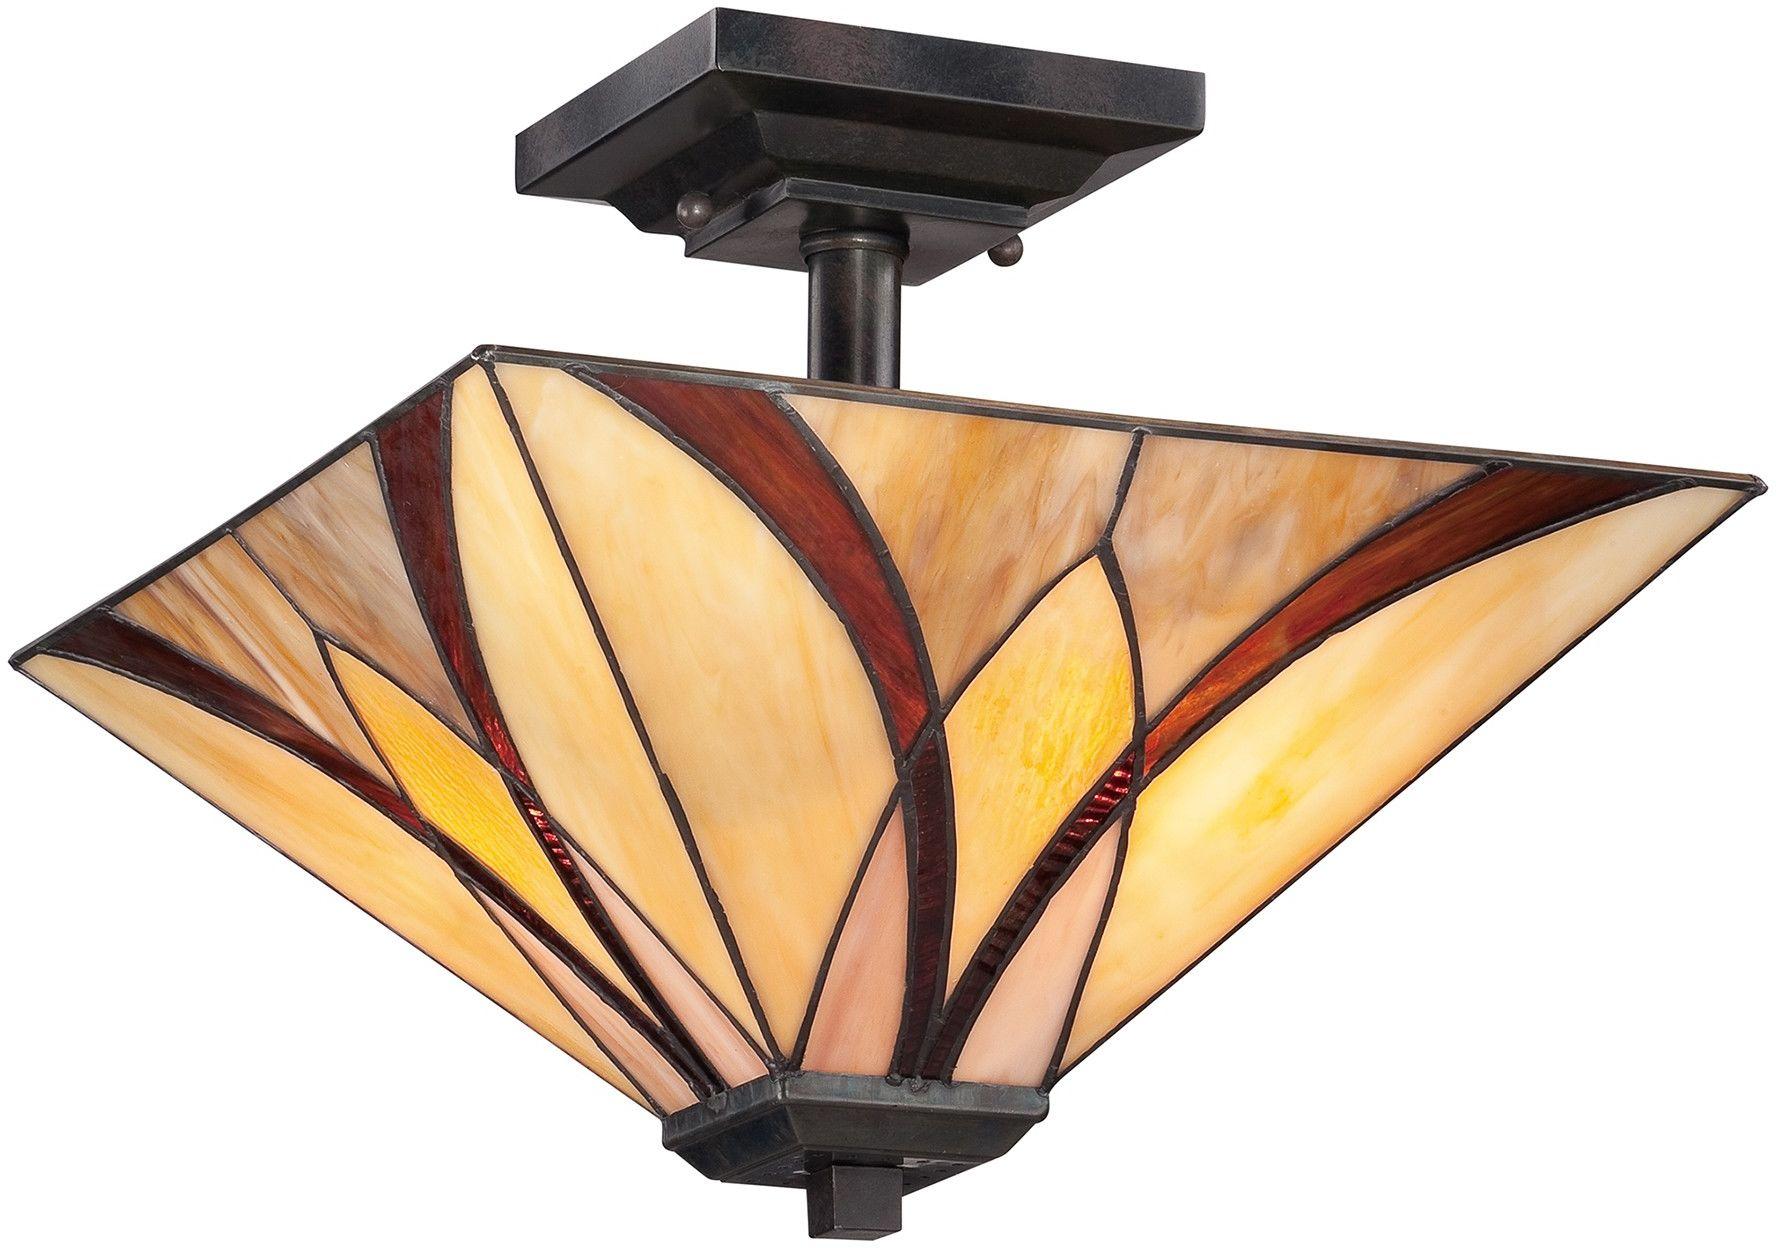 Asheville lampa sufitowa witrażowa tiffany QZ-ASHEVILLE-SF - Quoizel // Rabaty w koszyku i darmowa dostawa od 299zł !